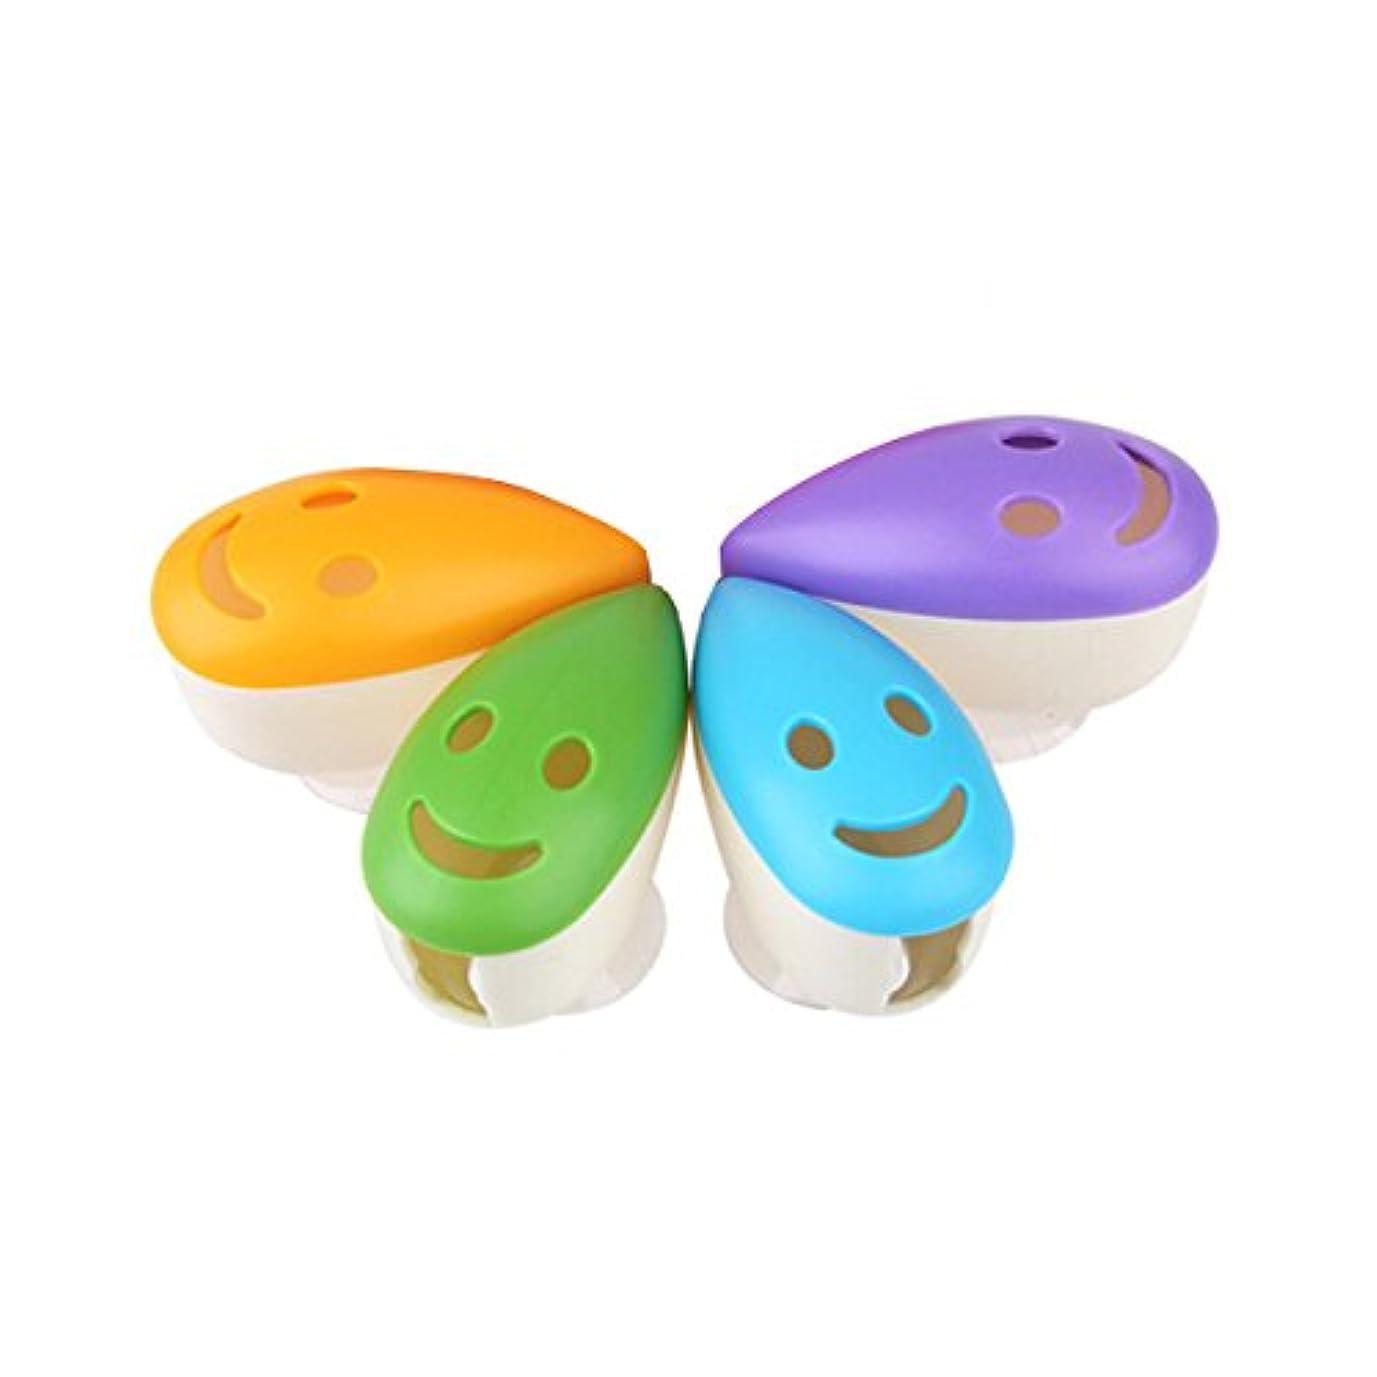 マーティンルーサーキングジュニアマウスピース若者ROSENICE スマイルフェイス抗菌歯ブラシヘッドホルダーサクションカップ4本用